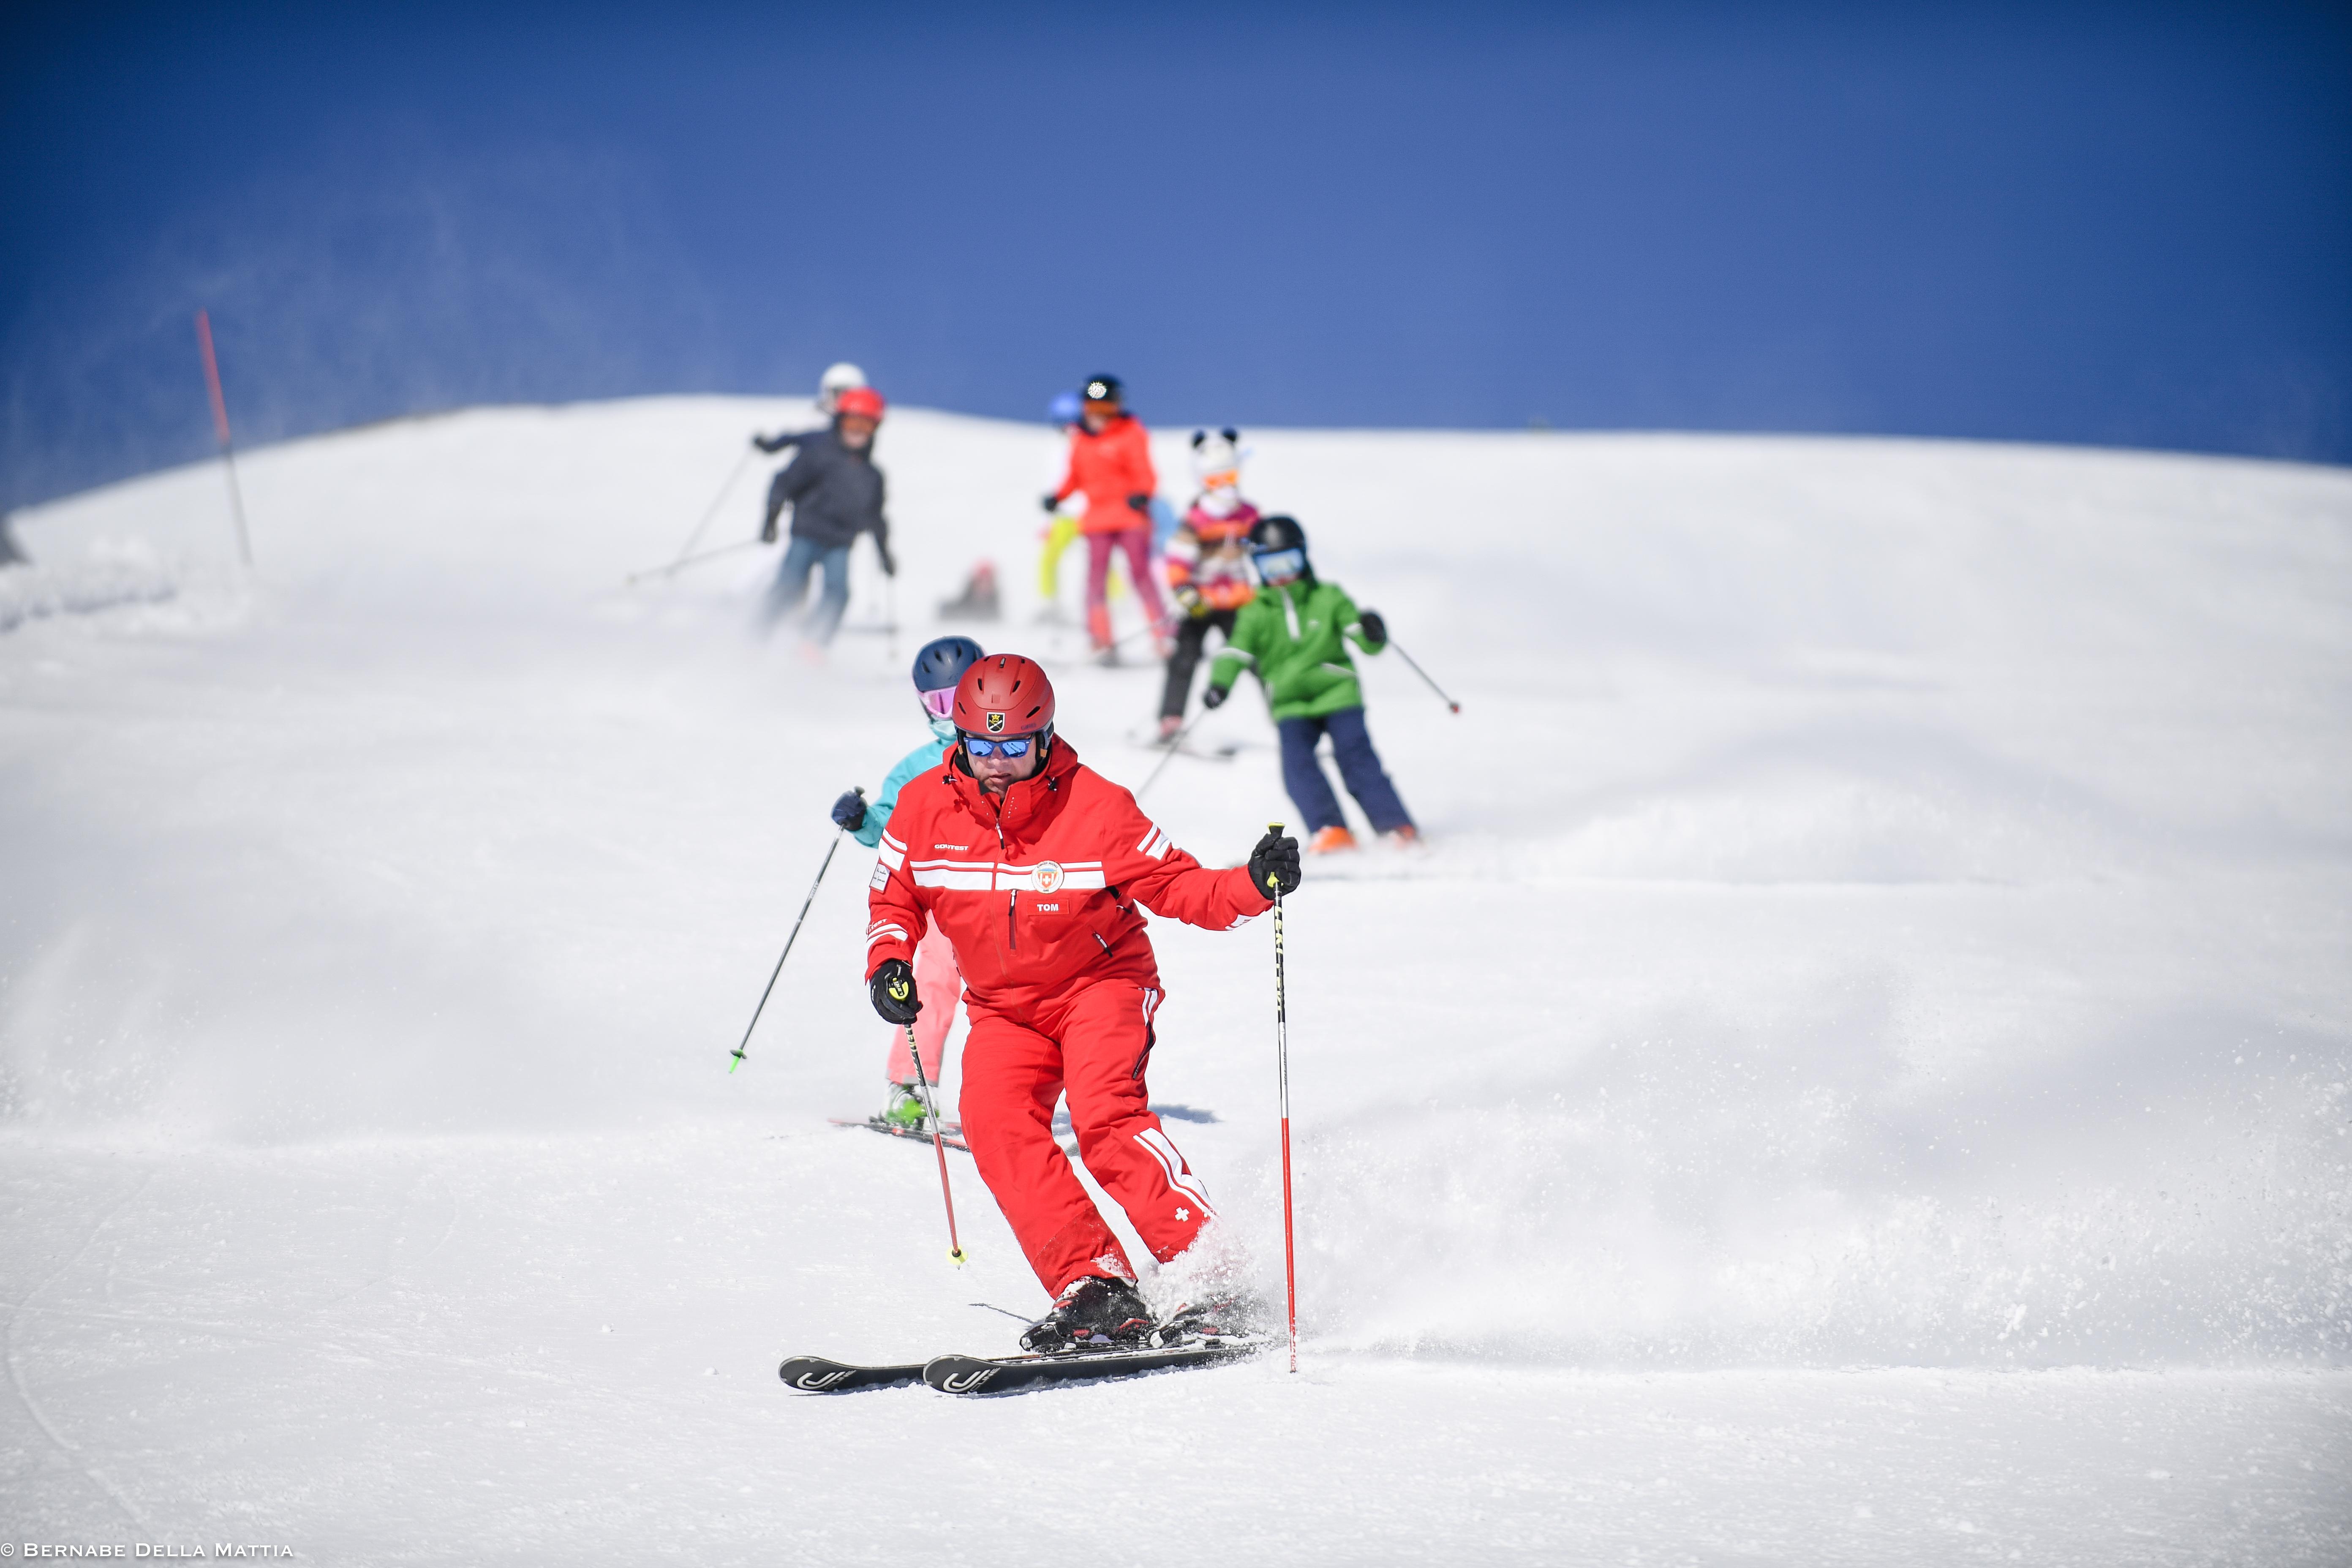 Schweizer Skischule Zuoz – La Punt AG Slide 5